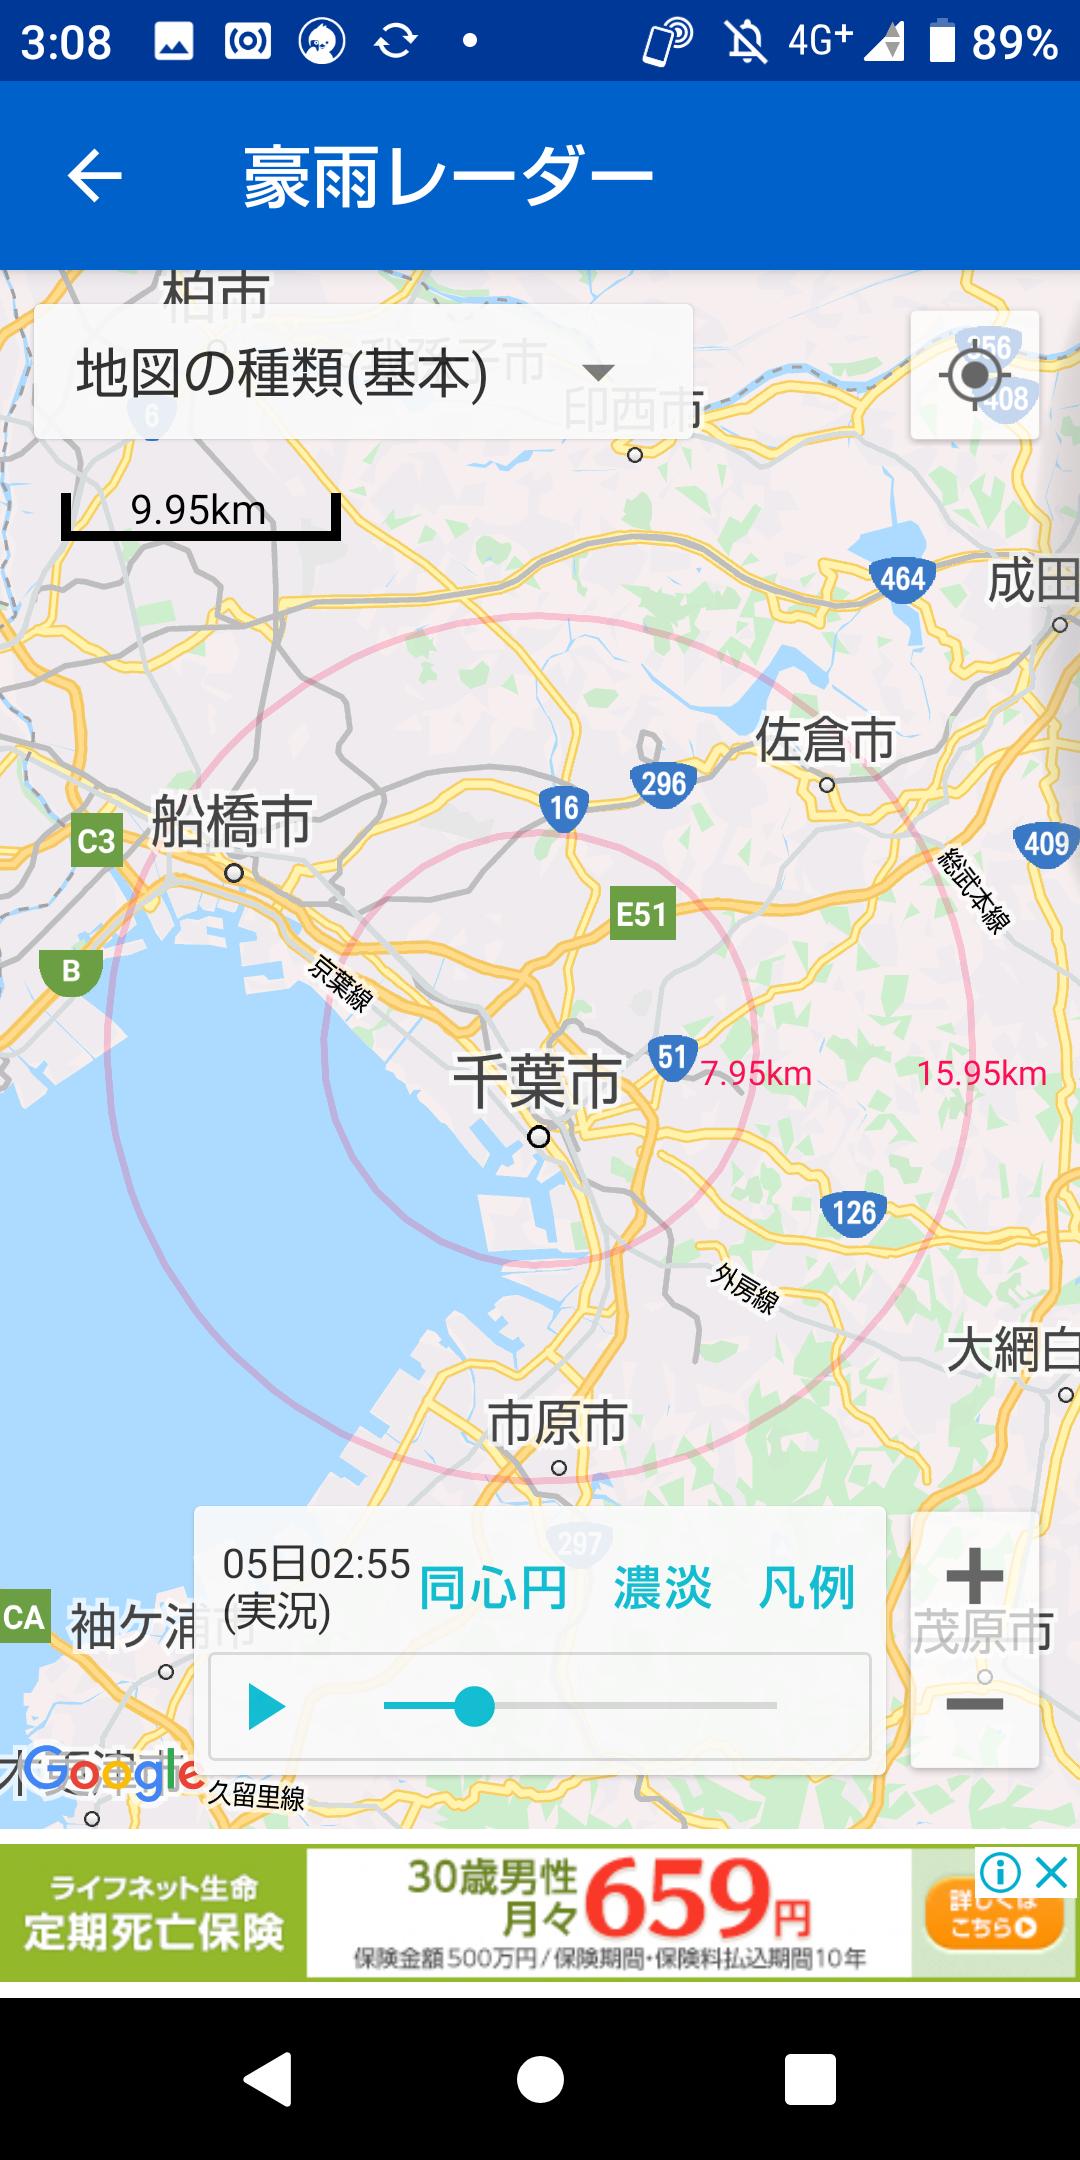 レーダー 雨雲 広島 天気